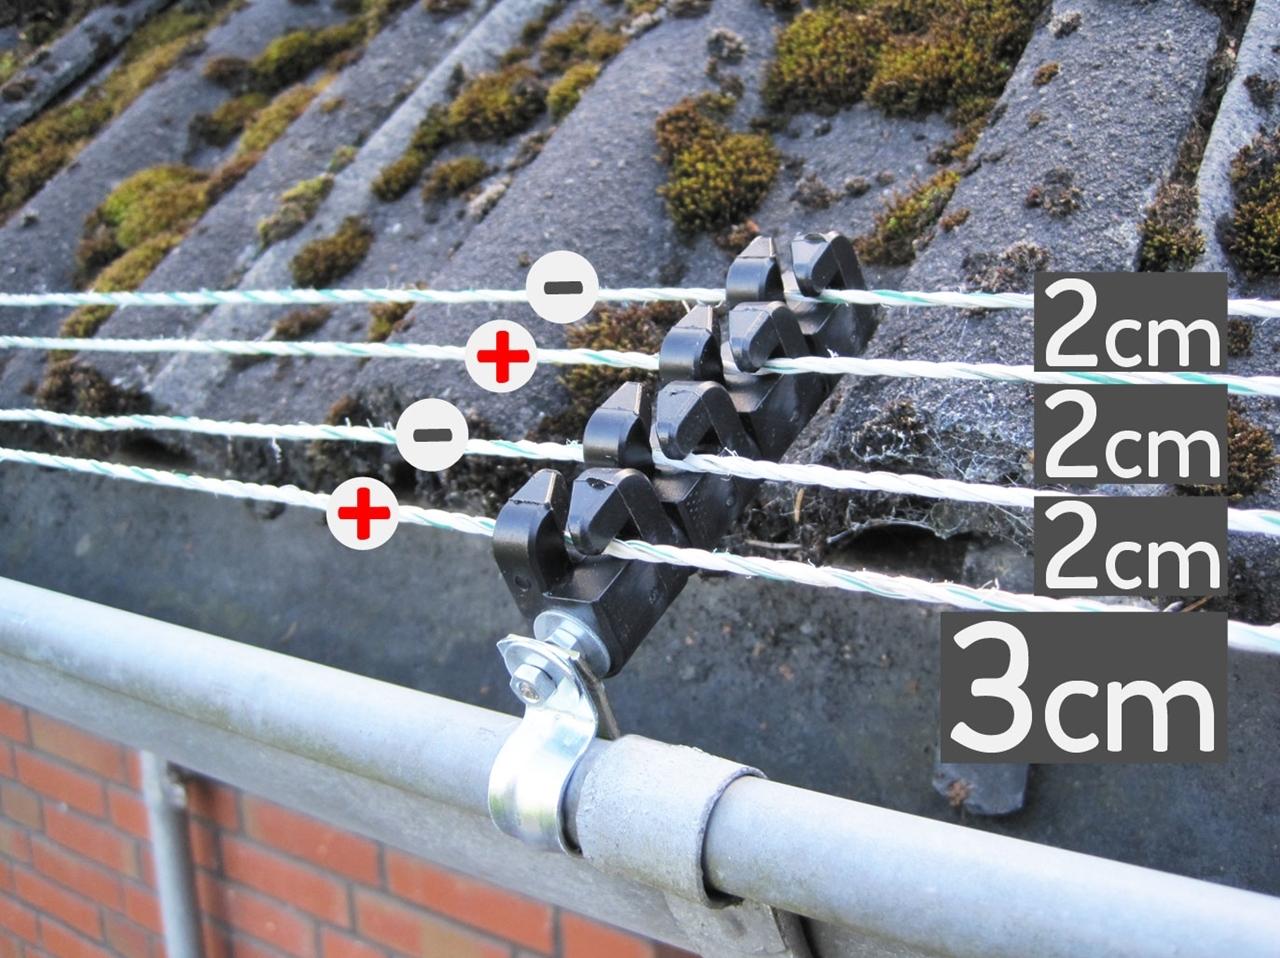 Bei Berührung von zwei Leitern bekommt der Marder den Stromimpuls. Die Dachrinne dient als Masseleiter.